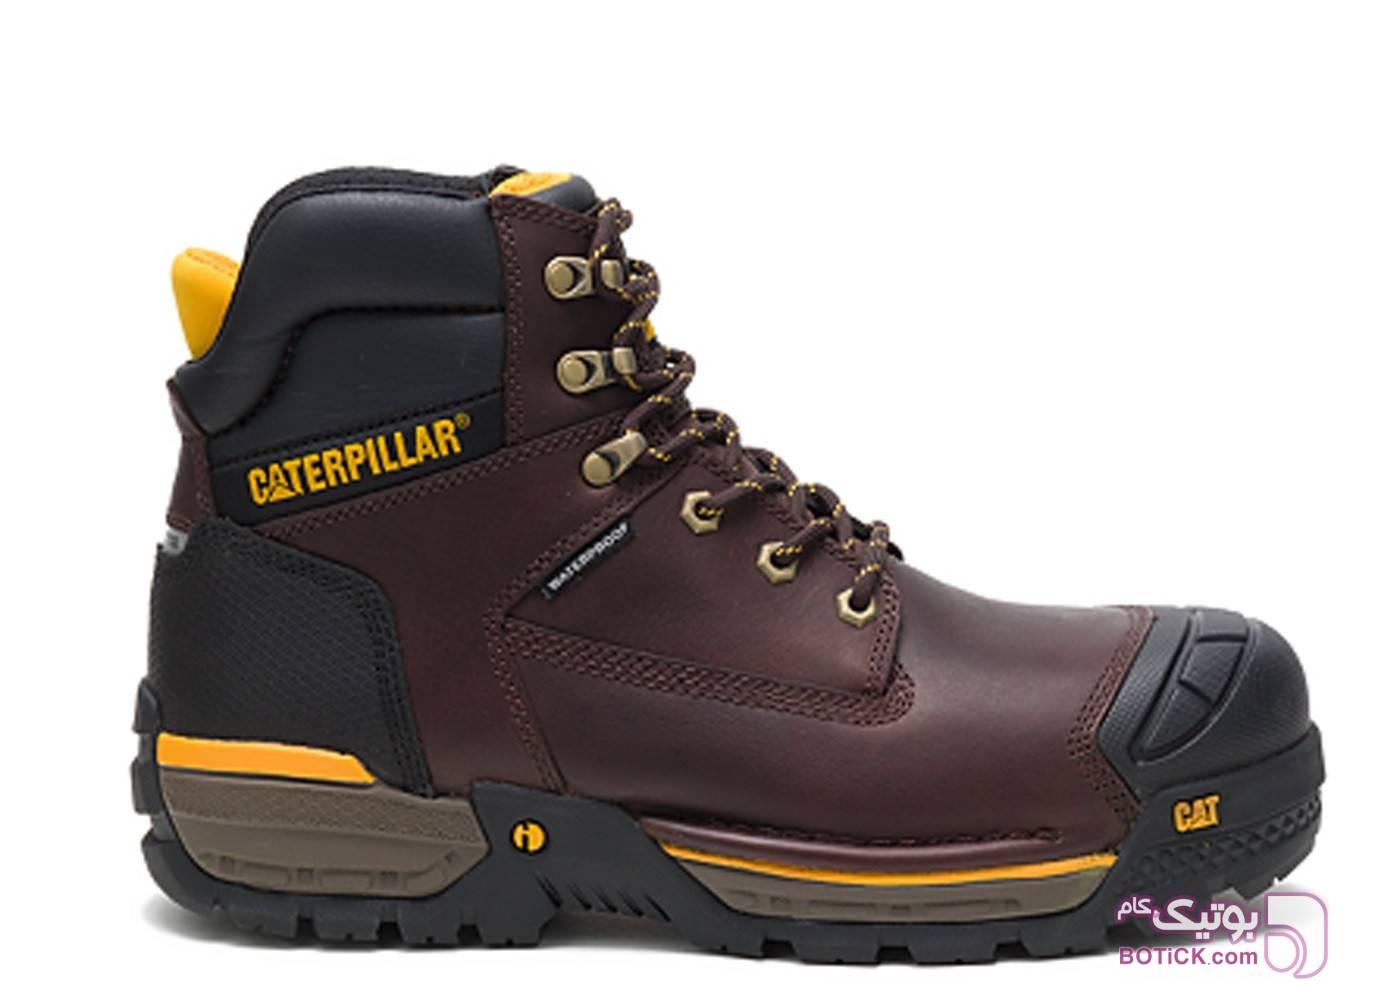 کفش ایمنی مامپوزیت مردانه کاترپیلار مدل caterpillar p91086 قهوه ای بوت مردانه